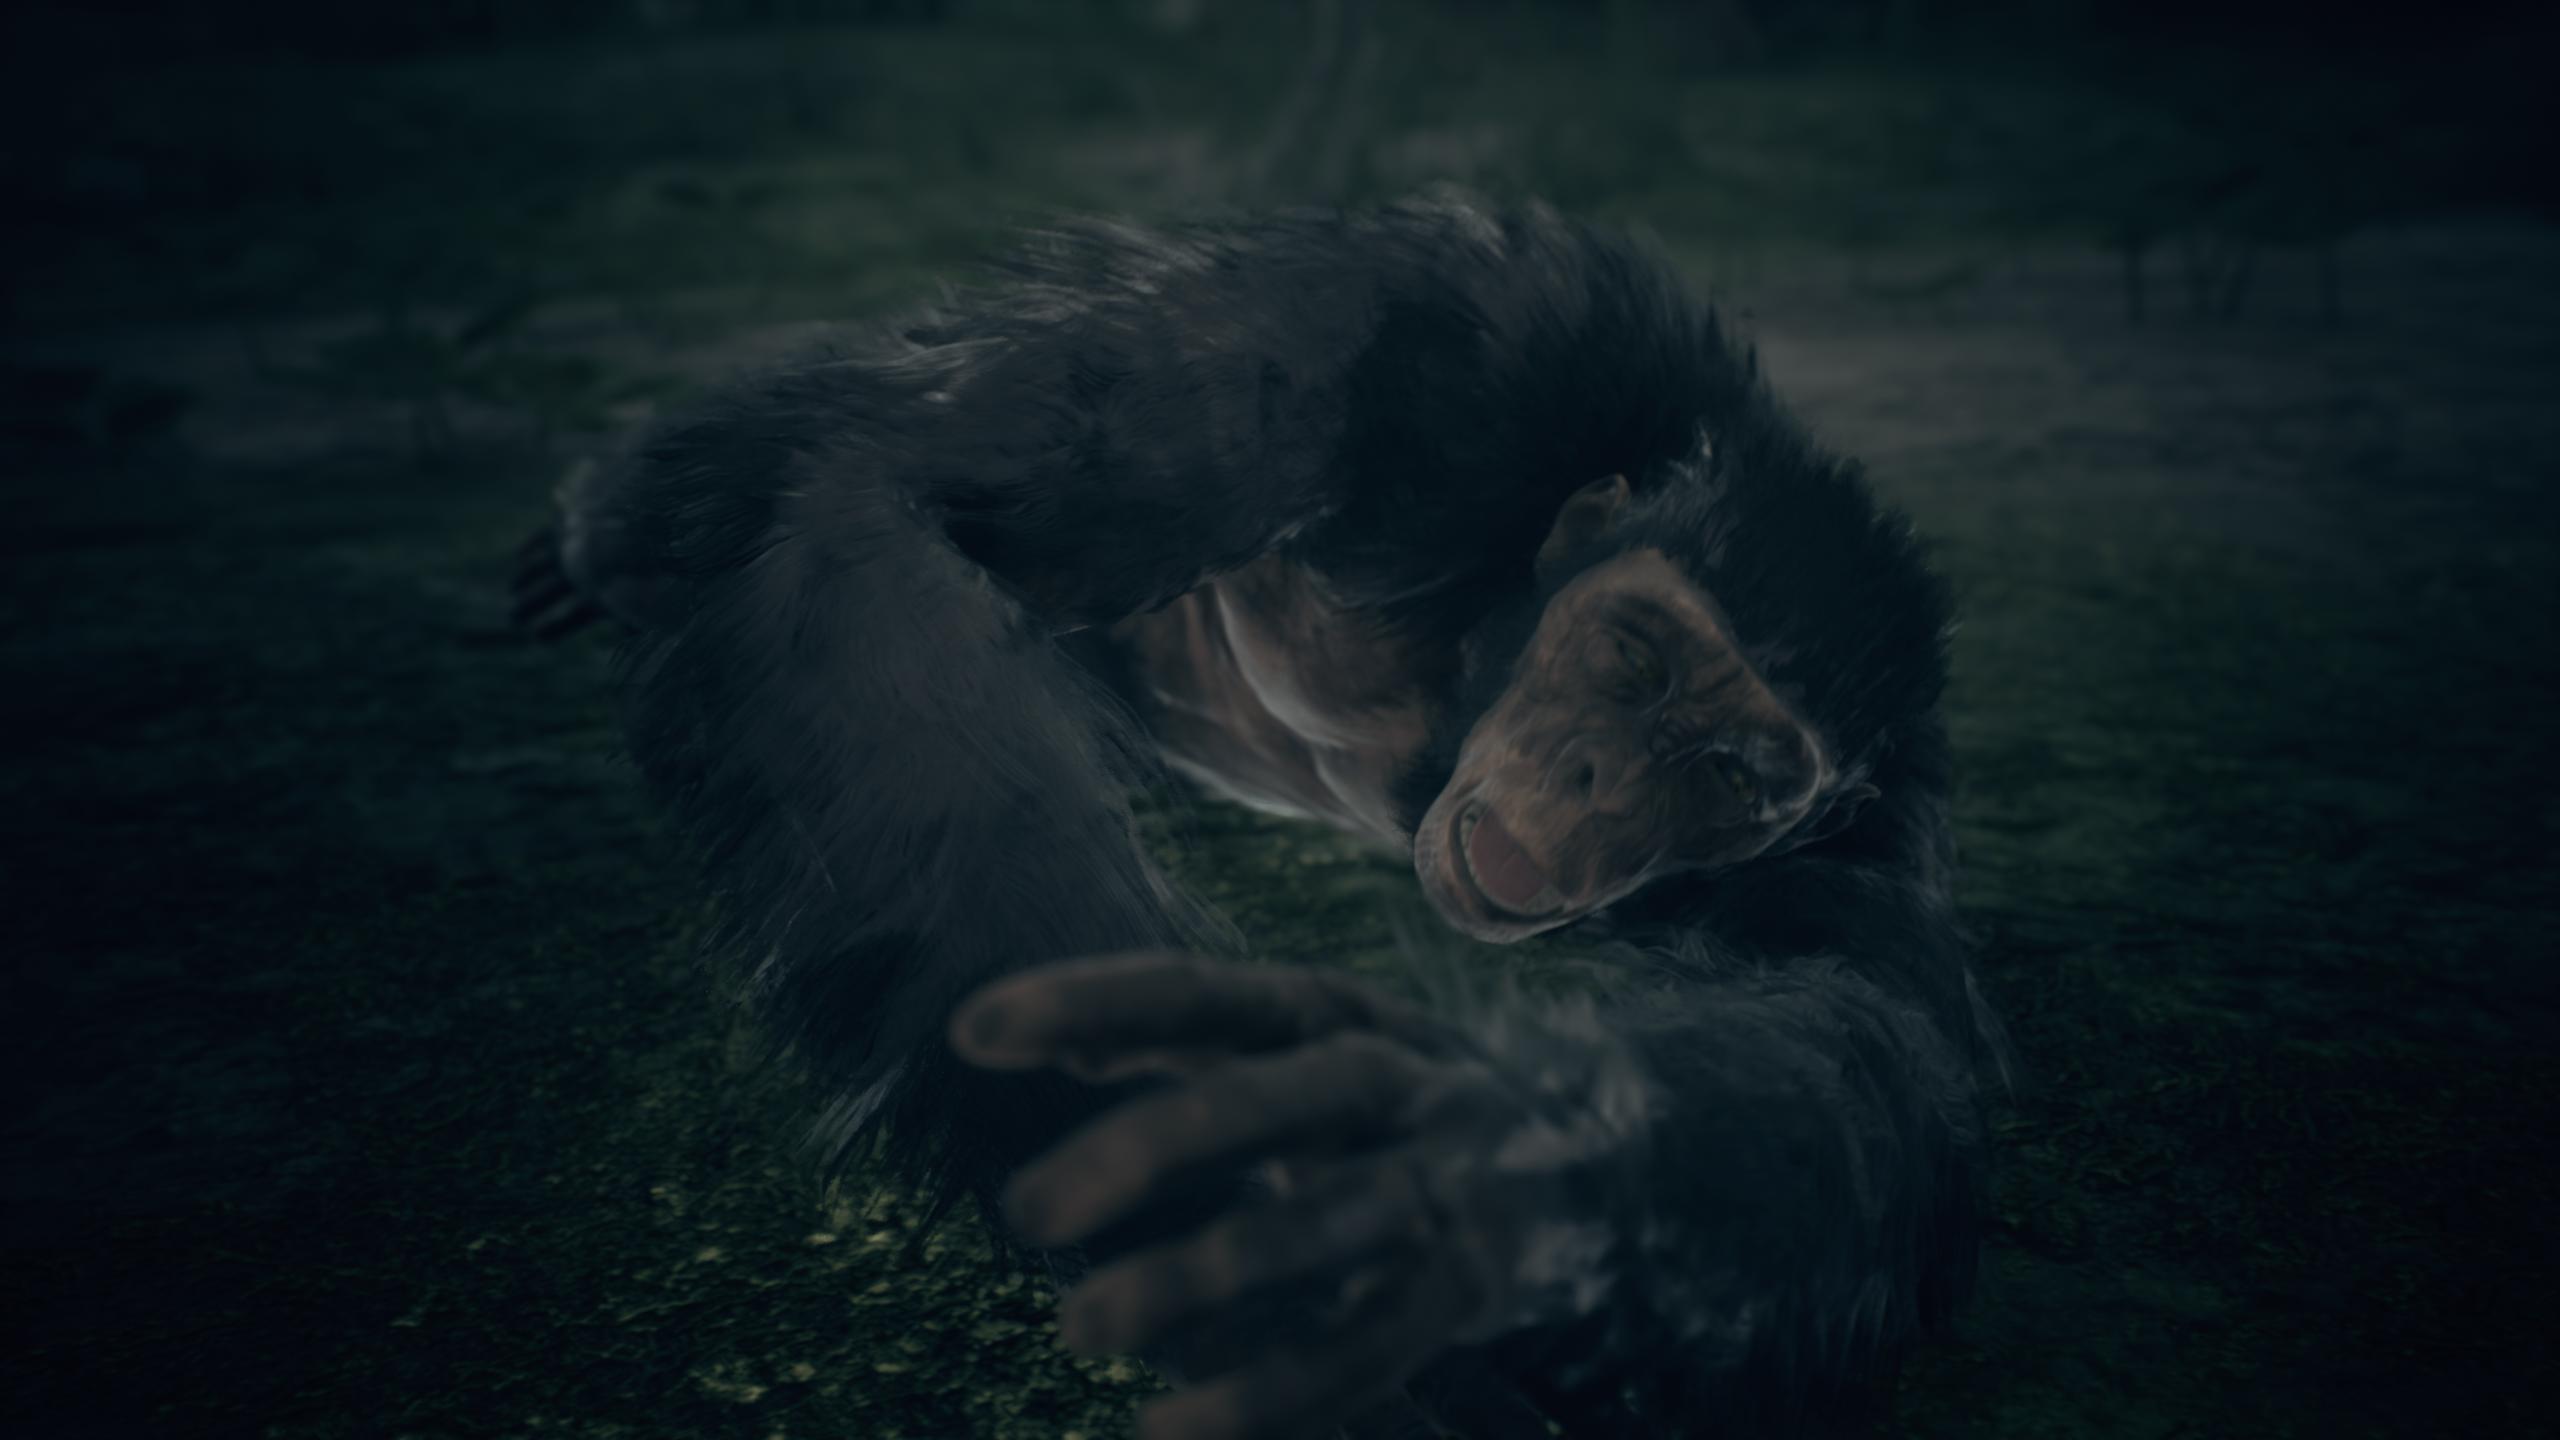 Recenzja: Ancestors: The Humankind Odyssey - stań oko w oko z ewolucją! 19